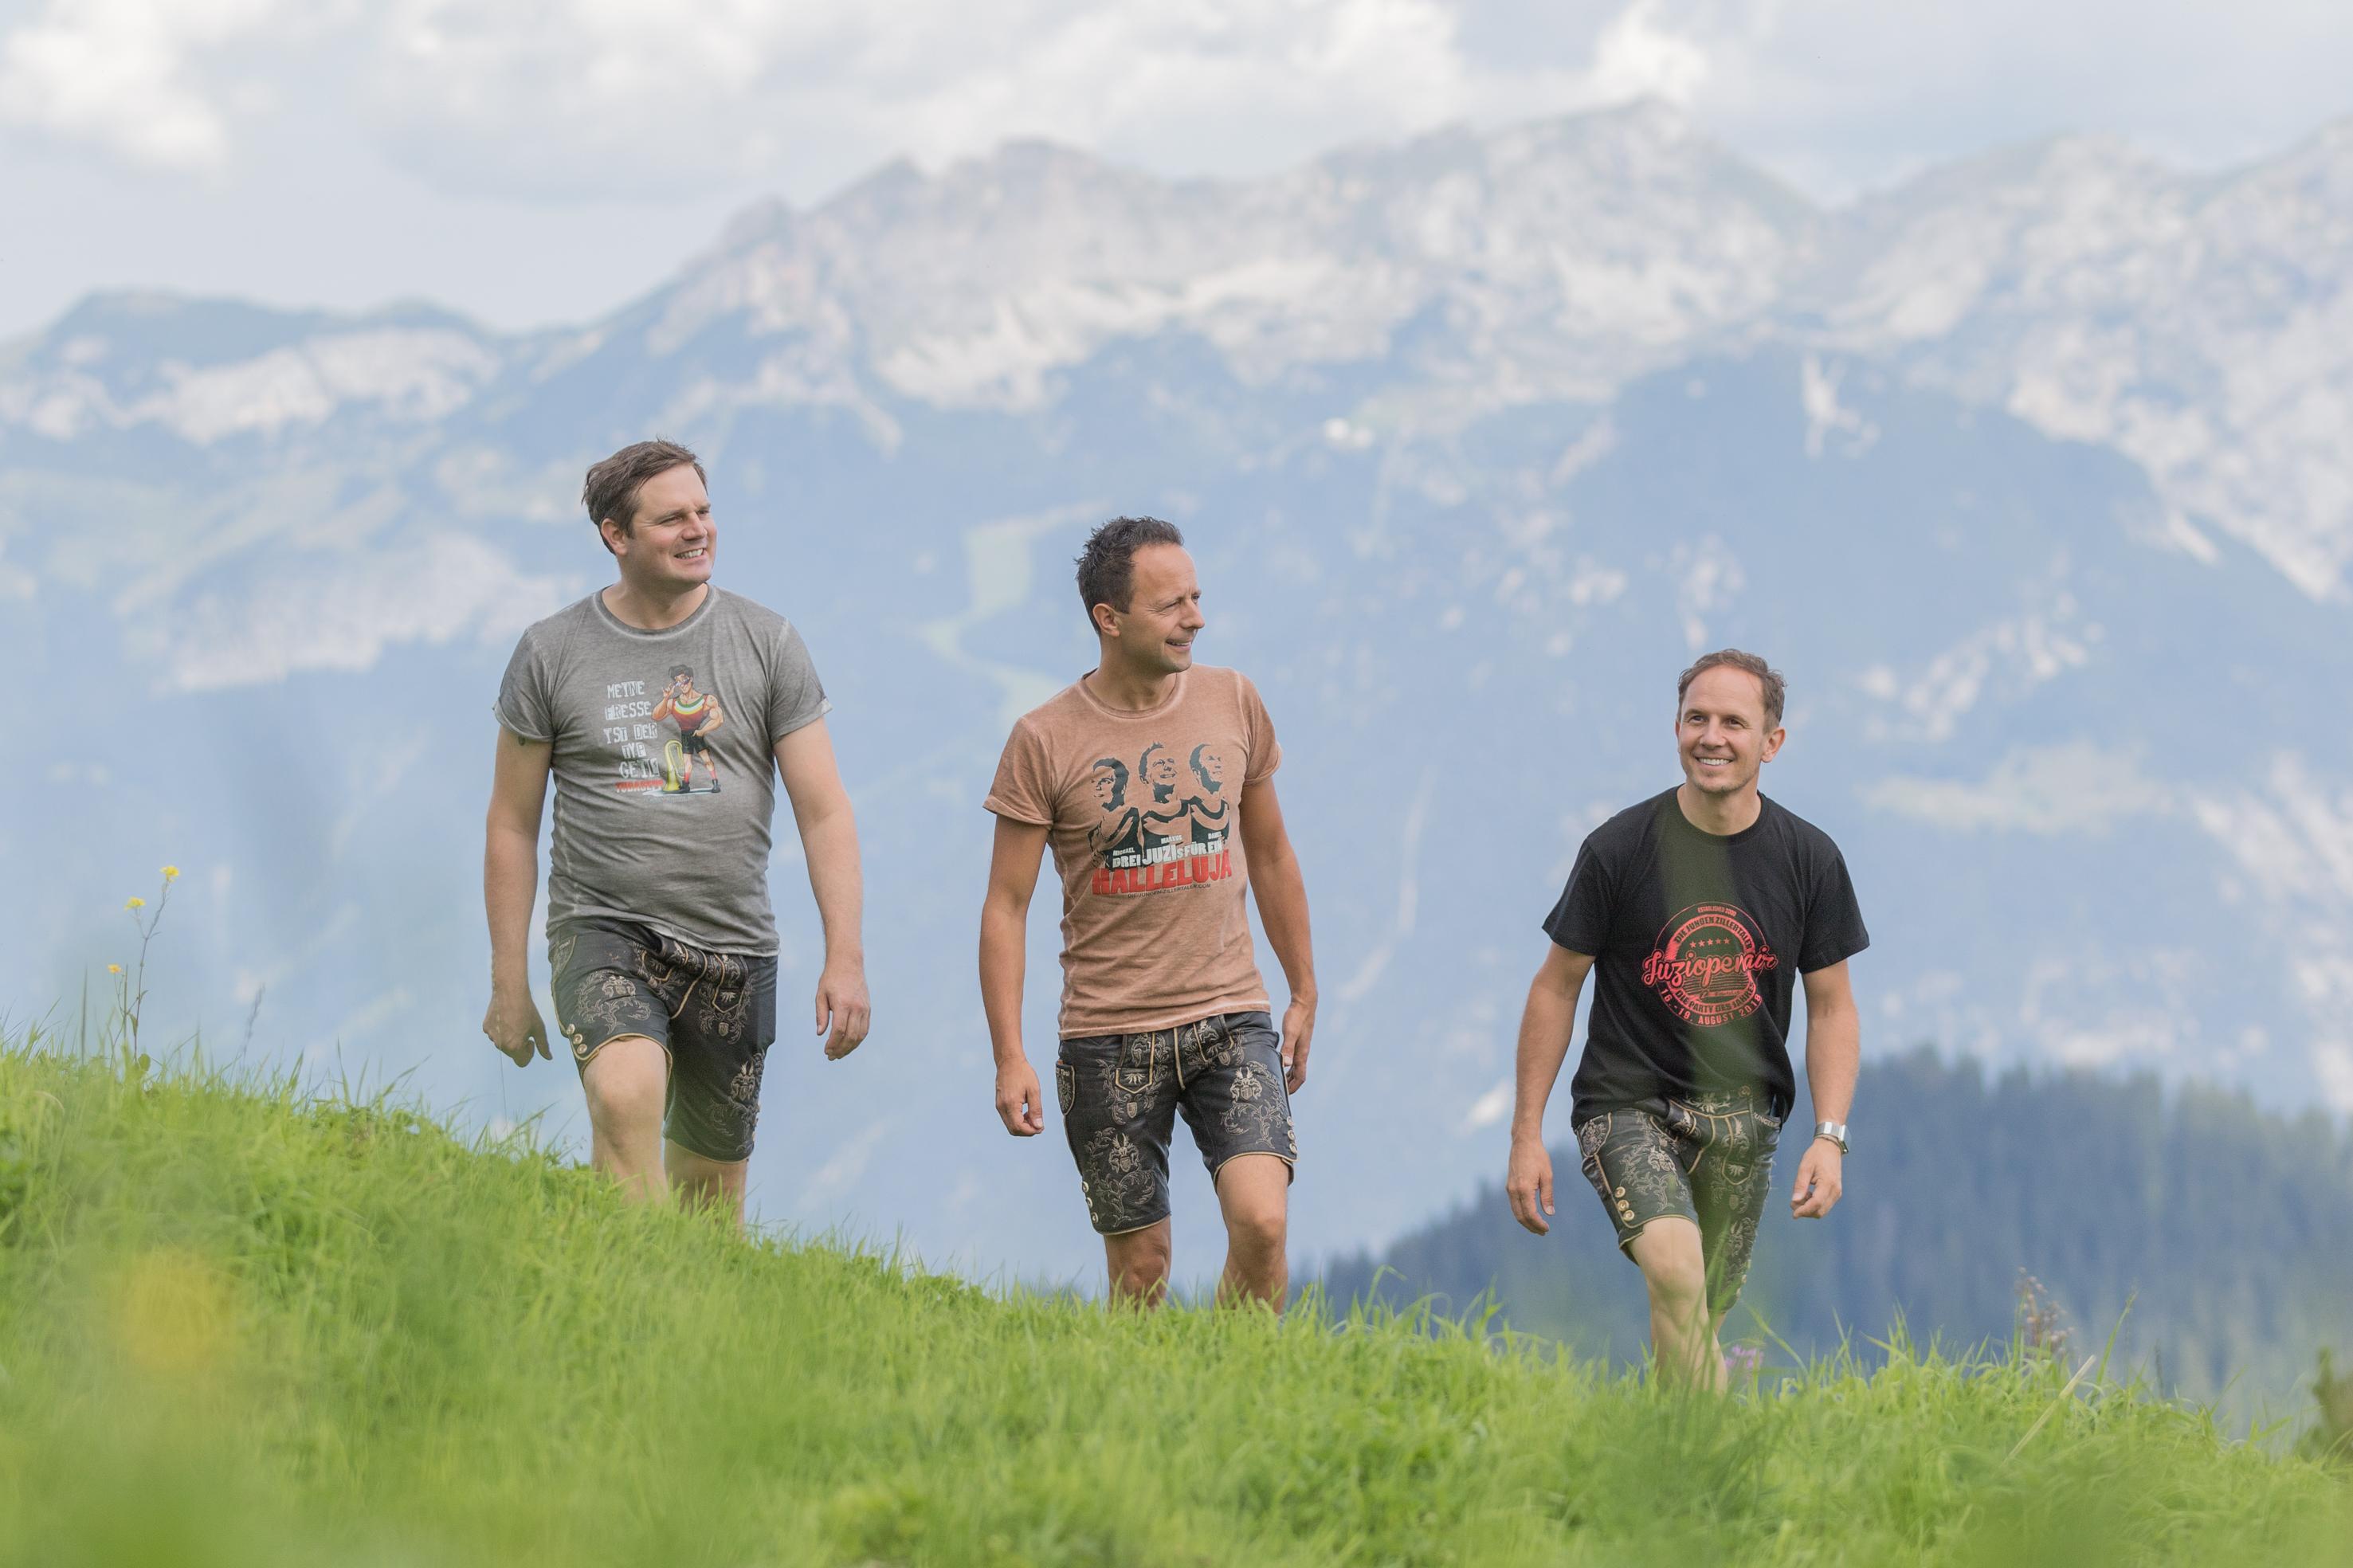 Beim Murtal Sommer Open Air: Die jungen Zillertaler Michael, Markus und Daniel von Die jungen Zillertaler am Berg, Fan-Wanderung beim JUZIopenair 2018